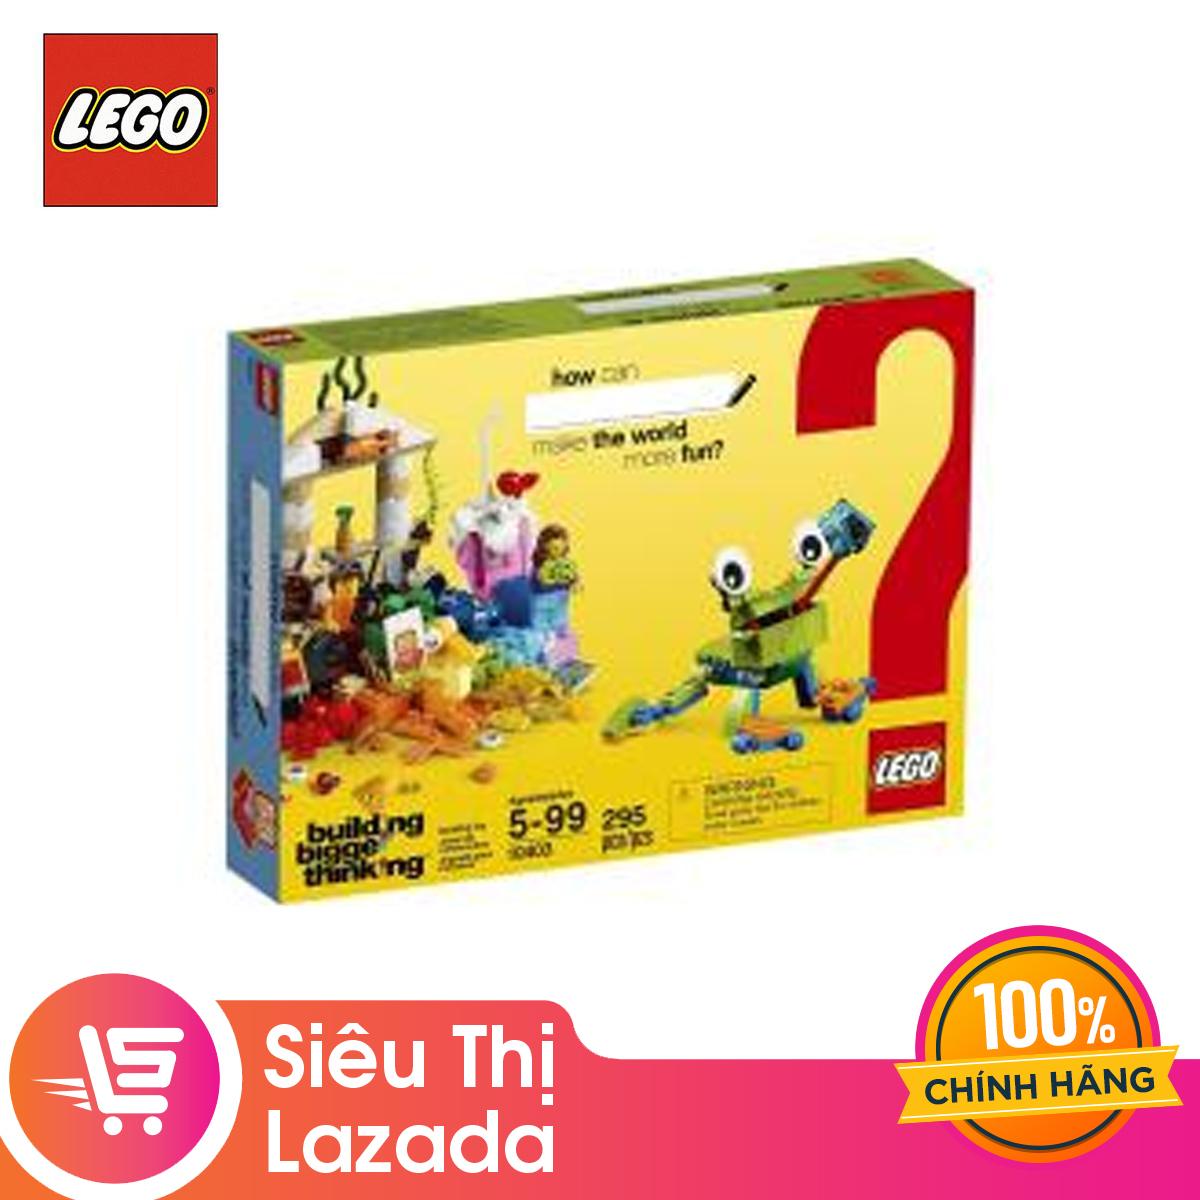 [Voucher Freeship 30k]Thùng Gạch Thế Giới Vui Nhộn LEGO BRANDCAMPAIGN - 10403 (295 Chi Tiết) Có Giá Tốt